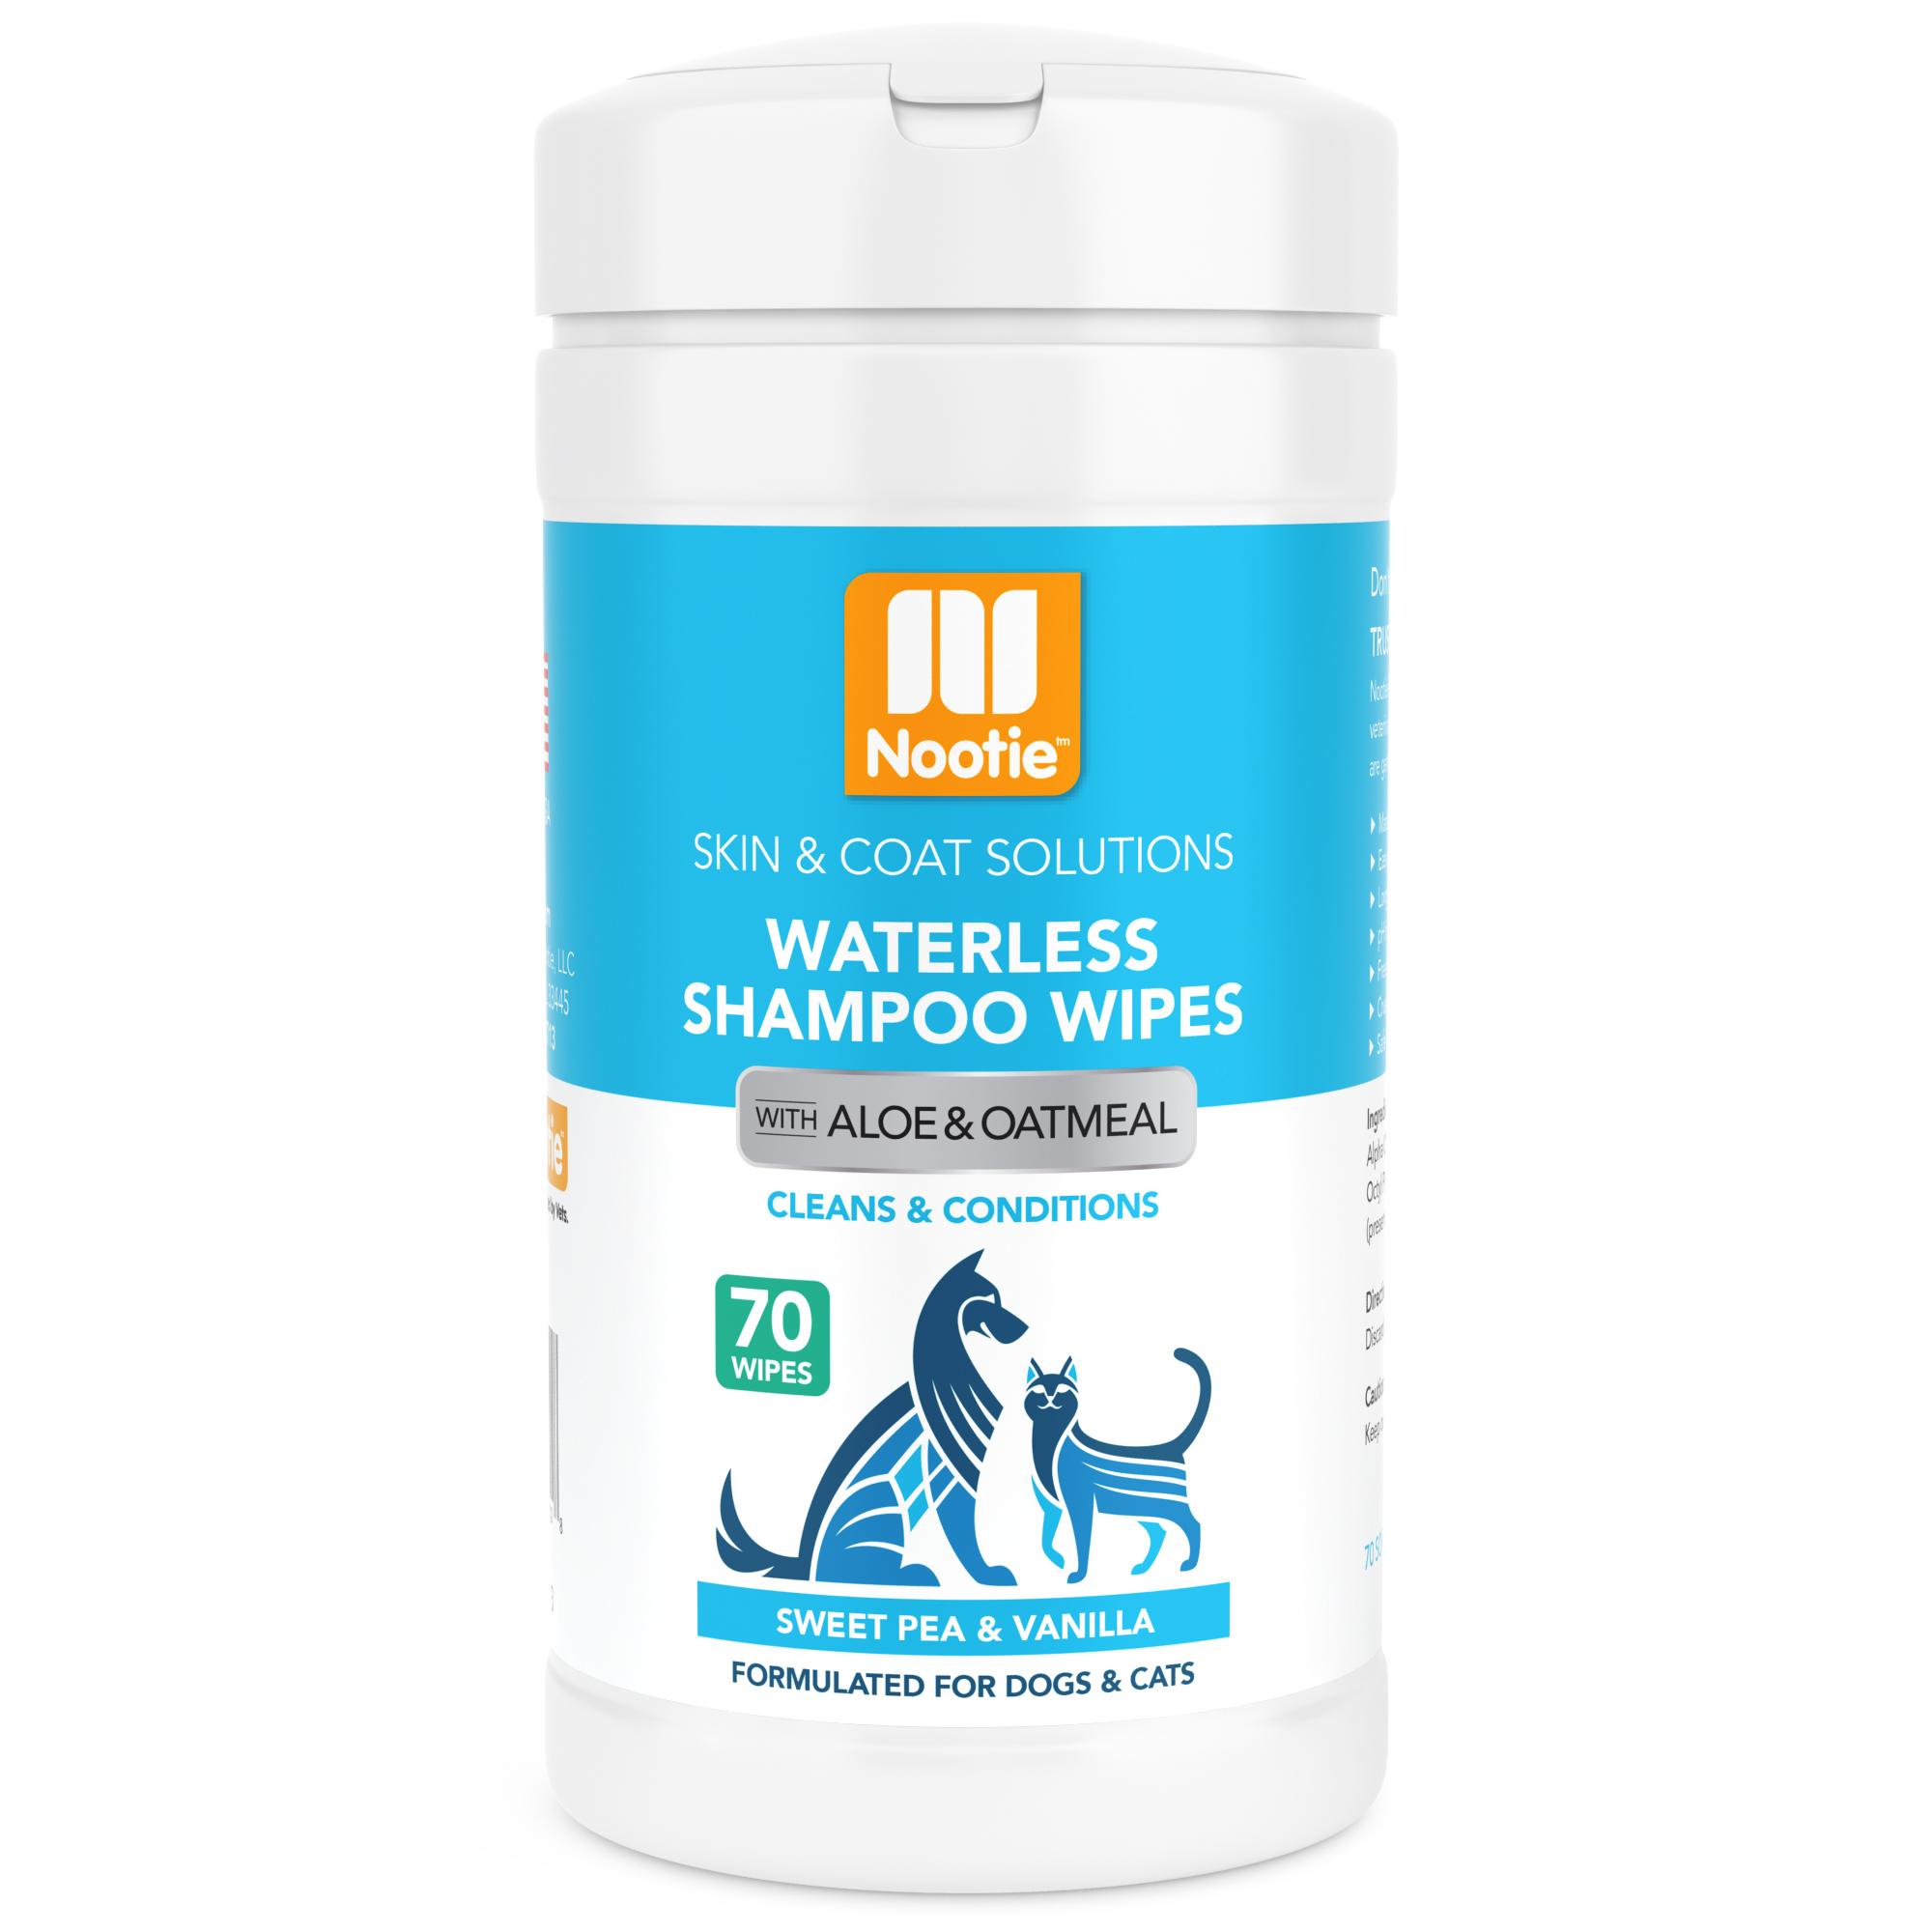 Nootie Sweet Pea & Vanilla Dog & Cat Waterless Shampoo Wipes, 70 count